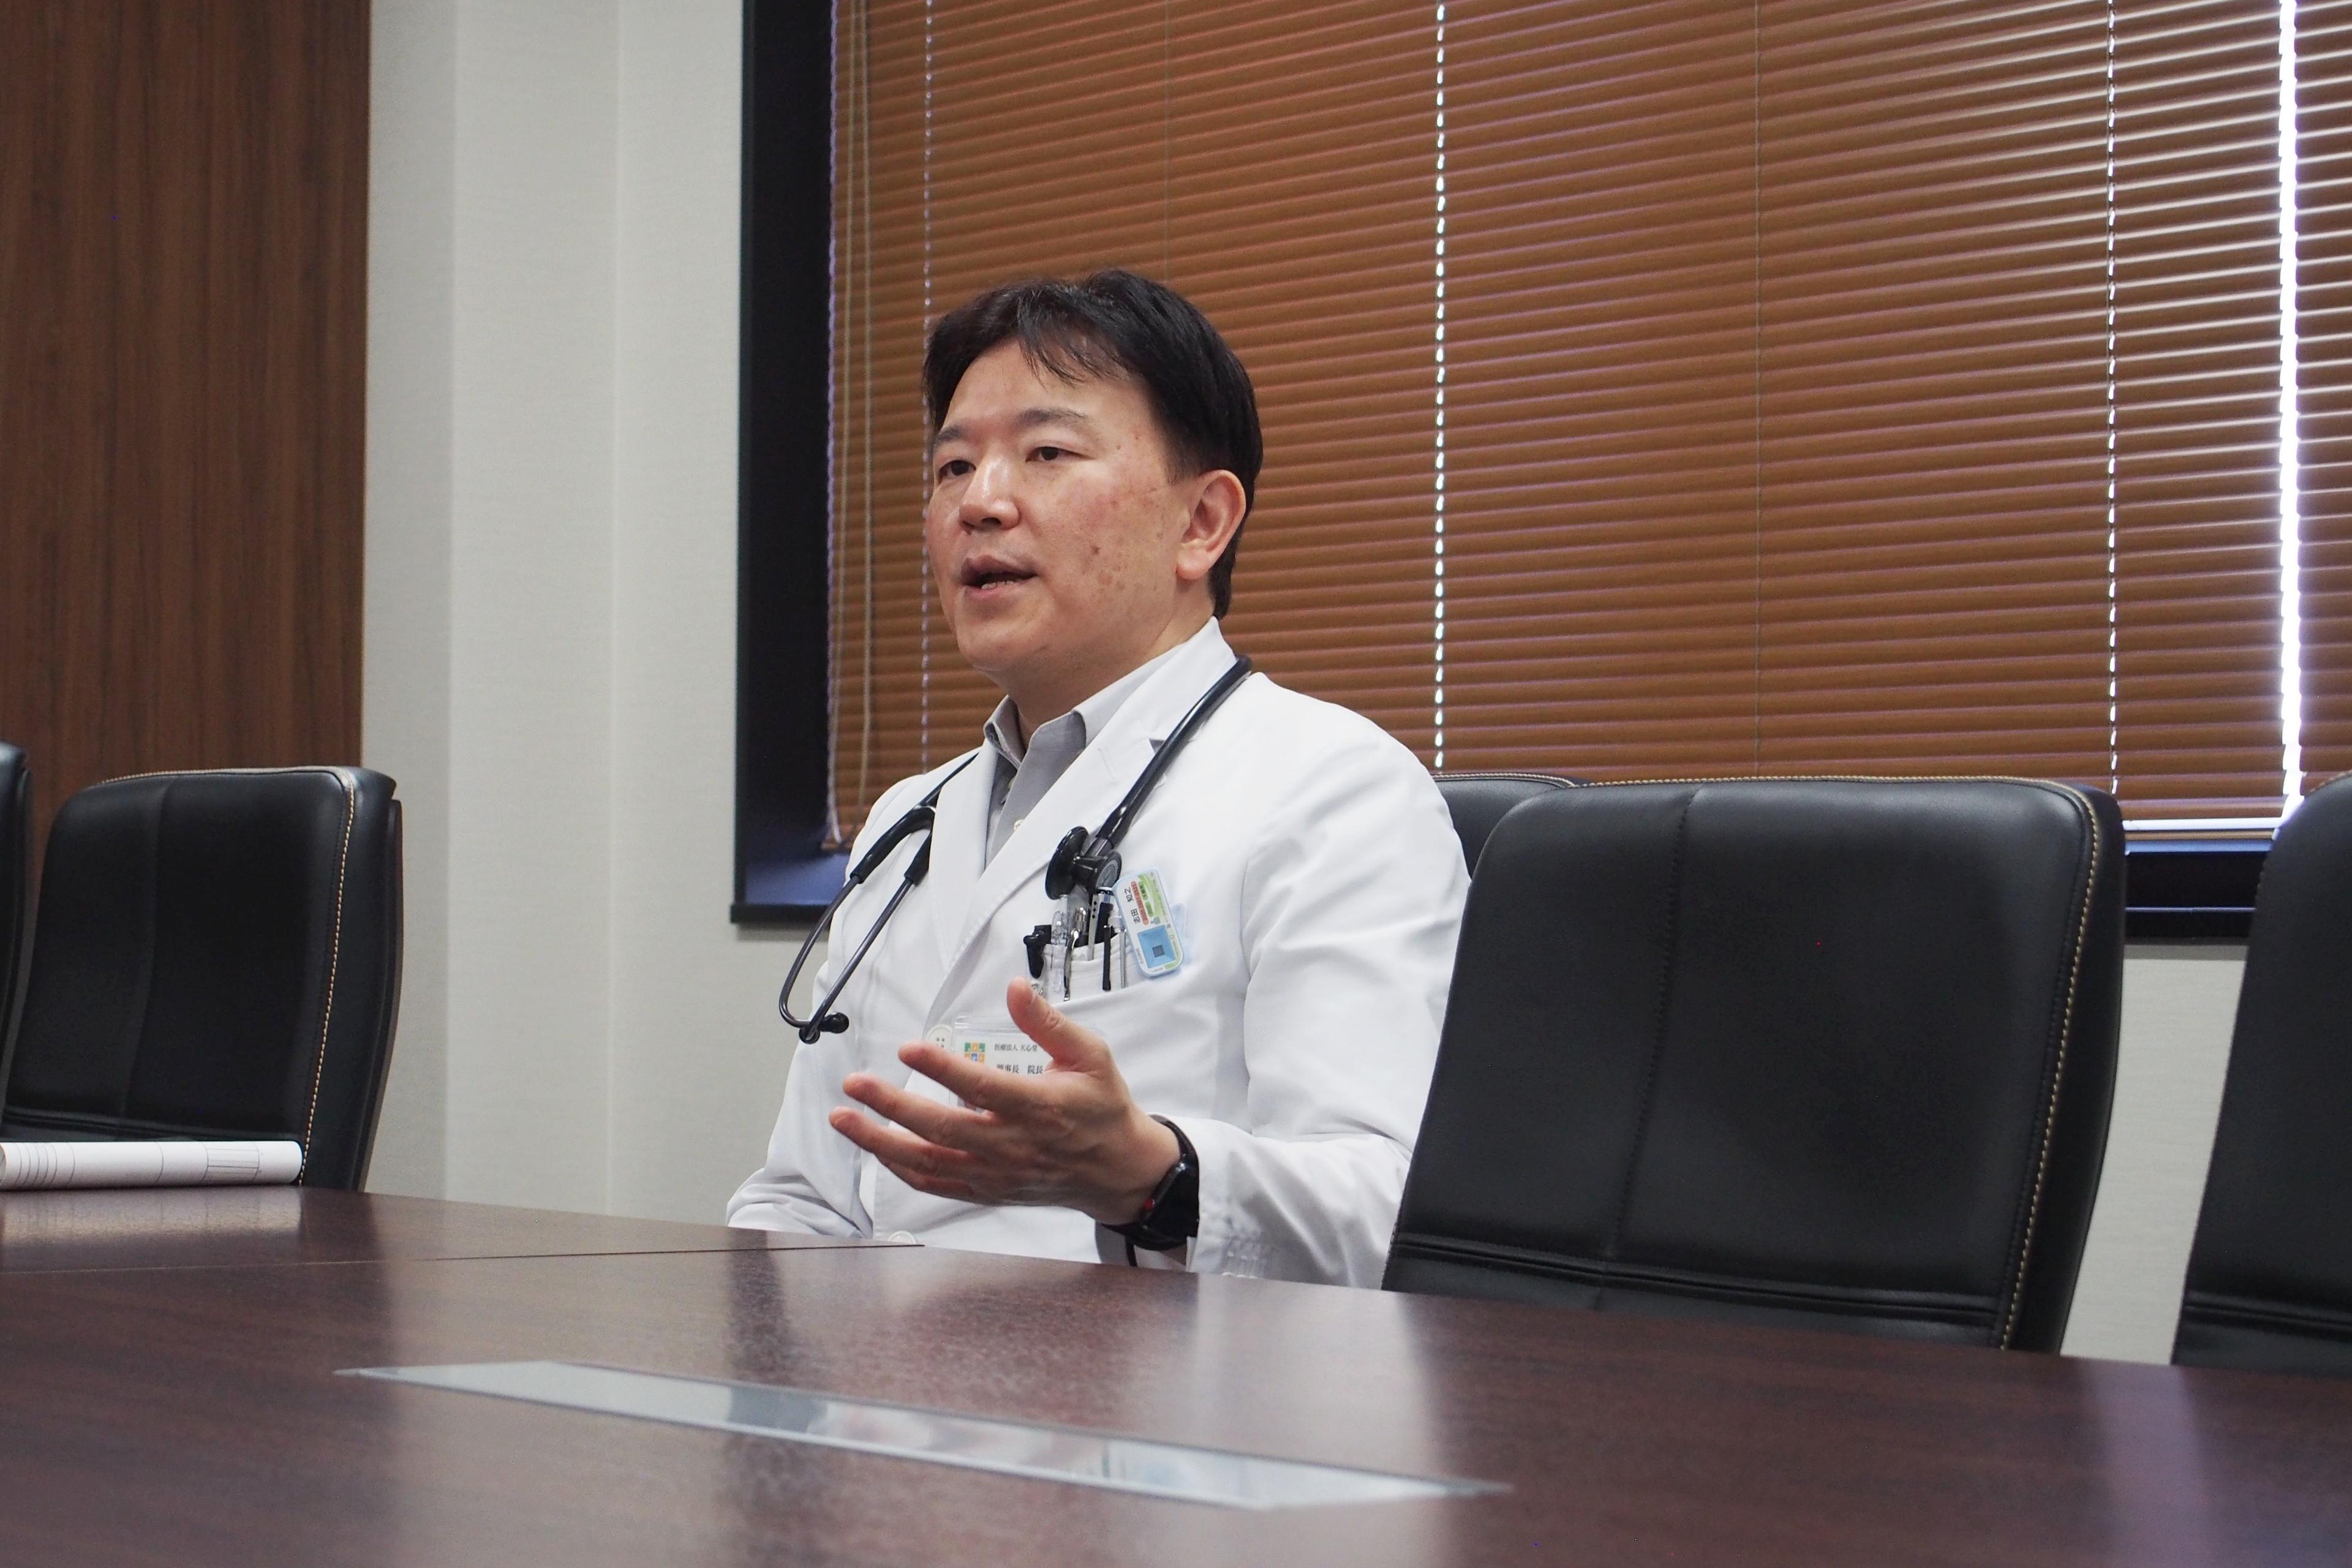 急性期から慢性期まで、100年先もずっと地域を支える病院であり続けたい――志田 知之先生のあゆみ